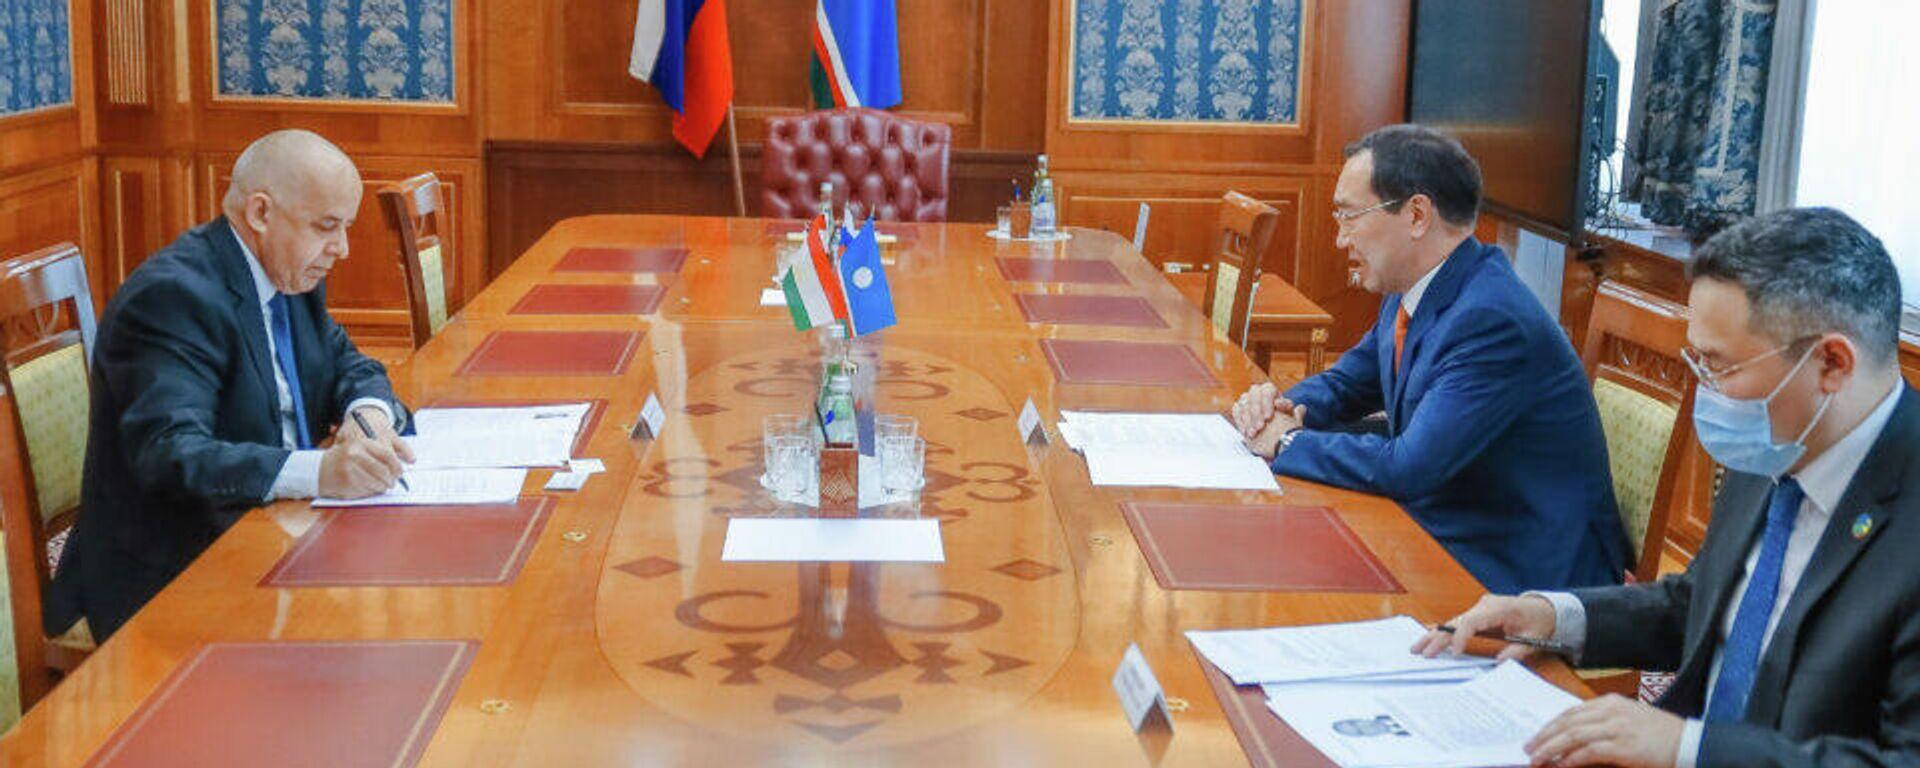 Глава Якутии Айсен Николаев 24 июня провёл рабочую встречу с генеральным консулом Республики Таджикистан в городе Новосибирске Давлатходжой Ятимом - Sputnik Таджикистан, 1920, 24.06.2021